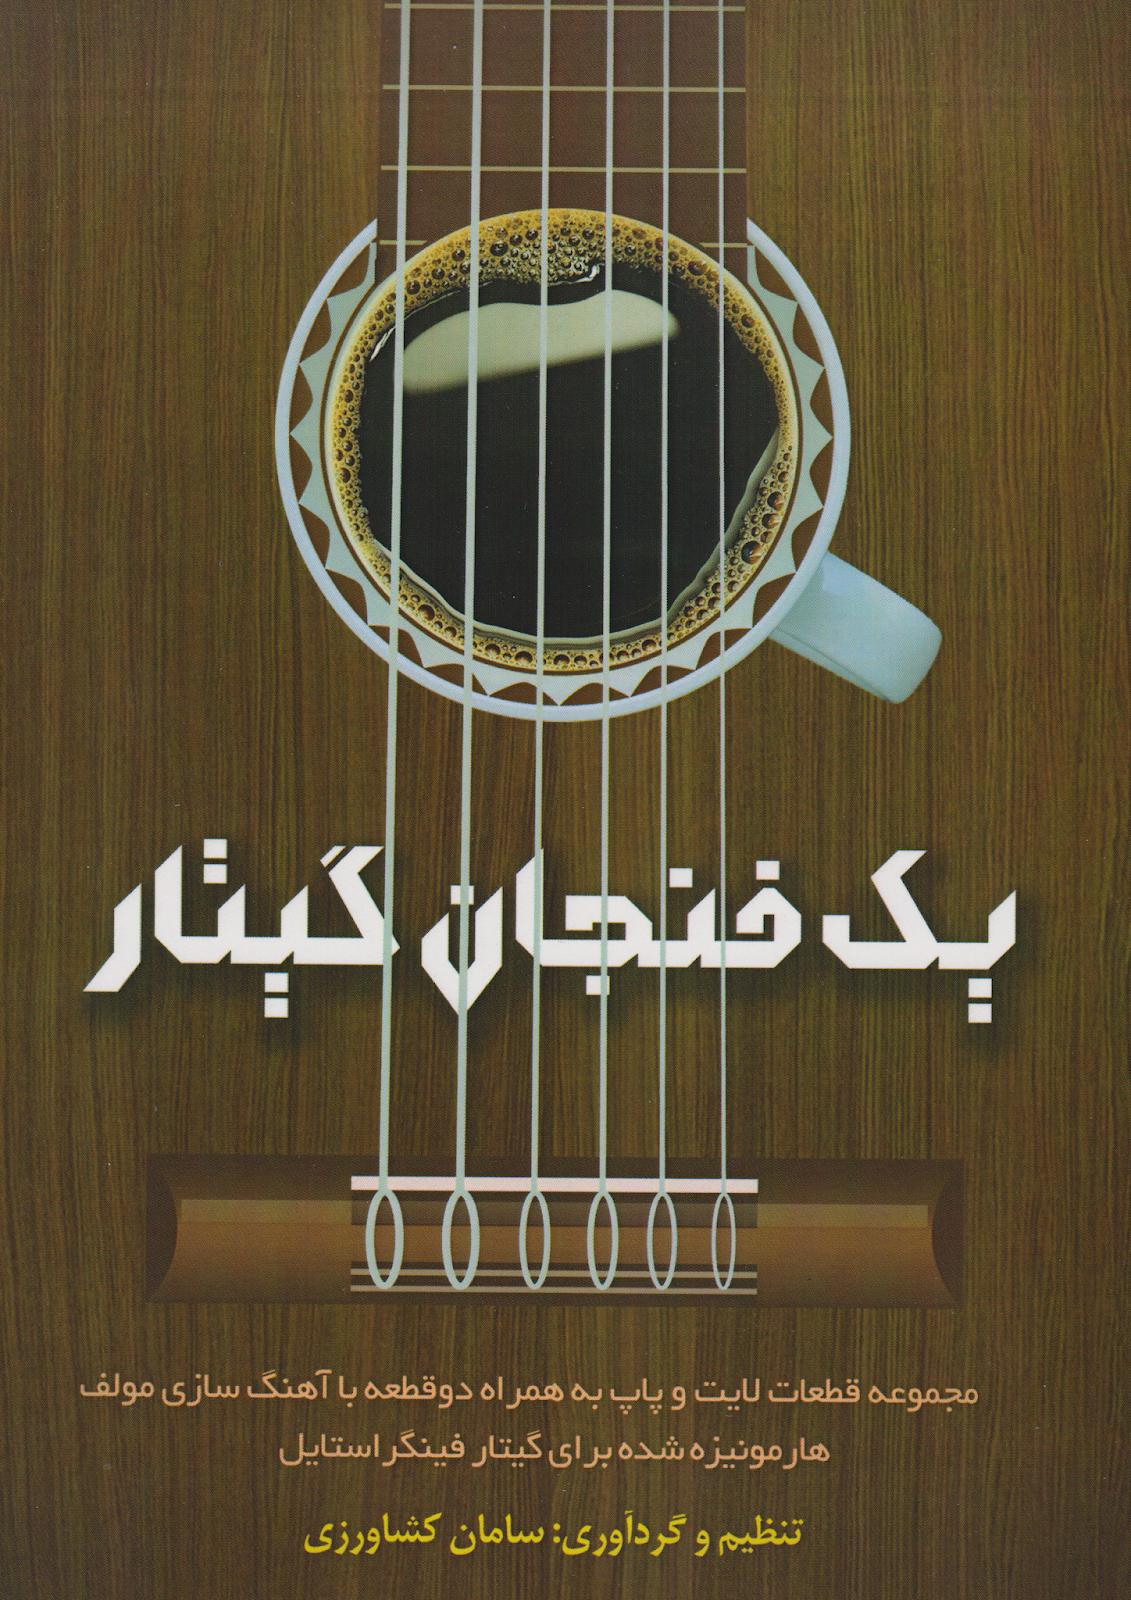 کتاب یک فنجان گیتار سامان کشاورزی انتشارات پنجخط